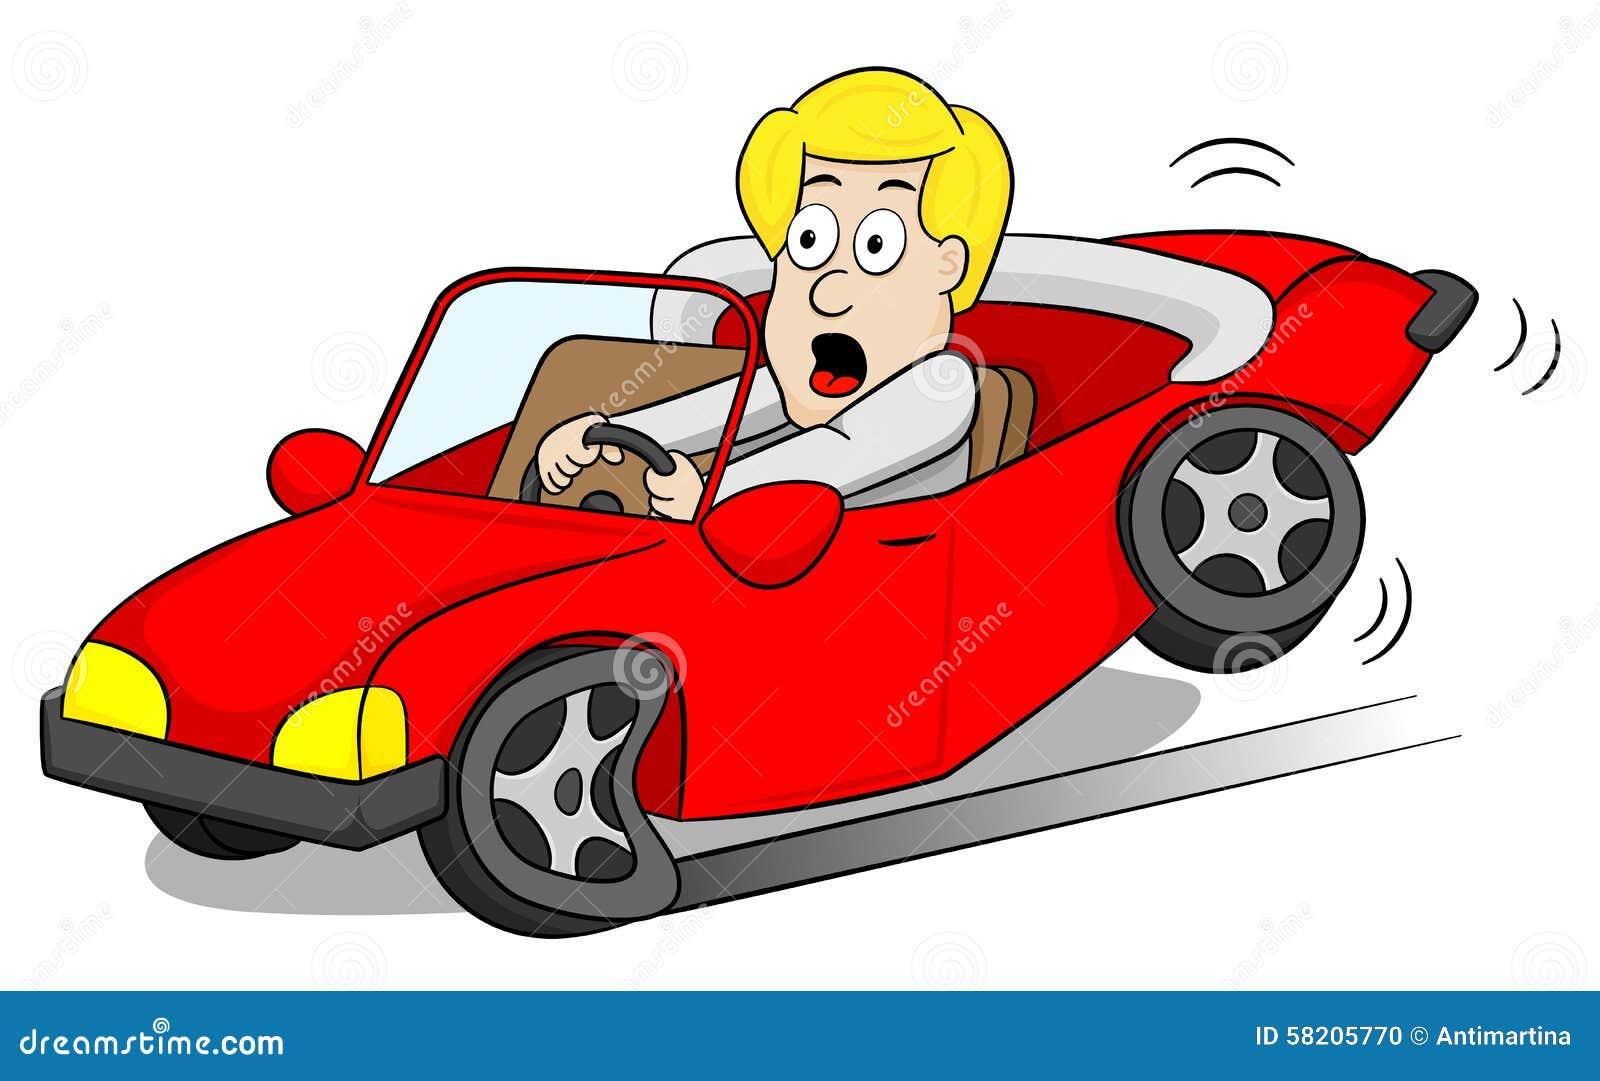 Old Cartoon Driving Broken Car